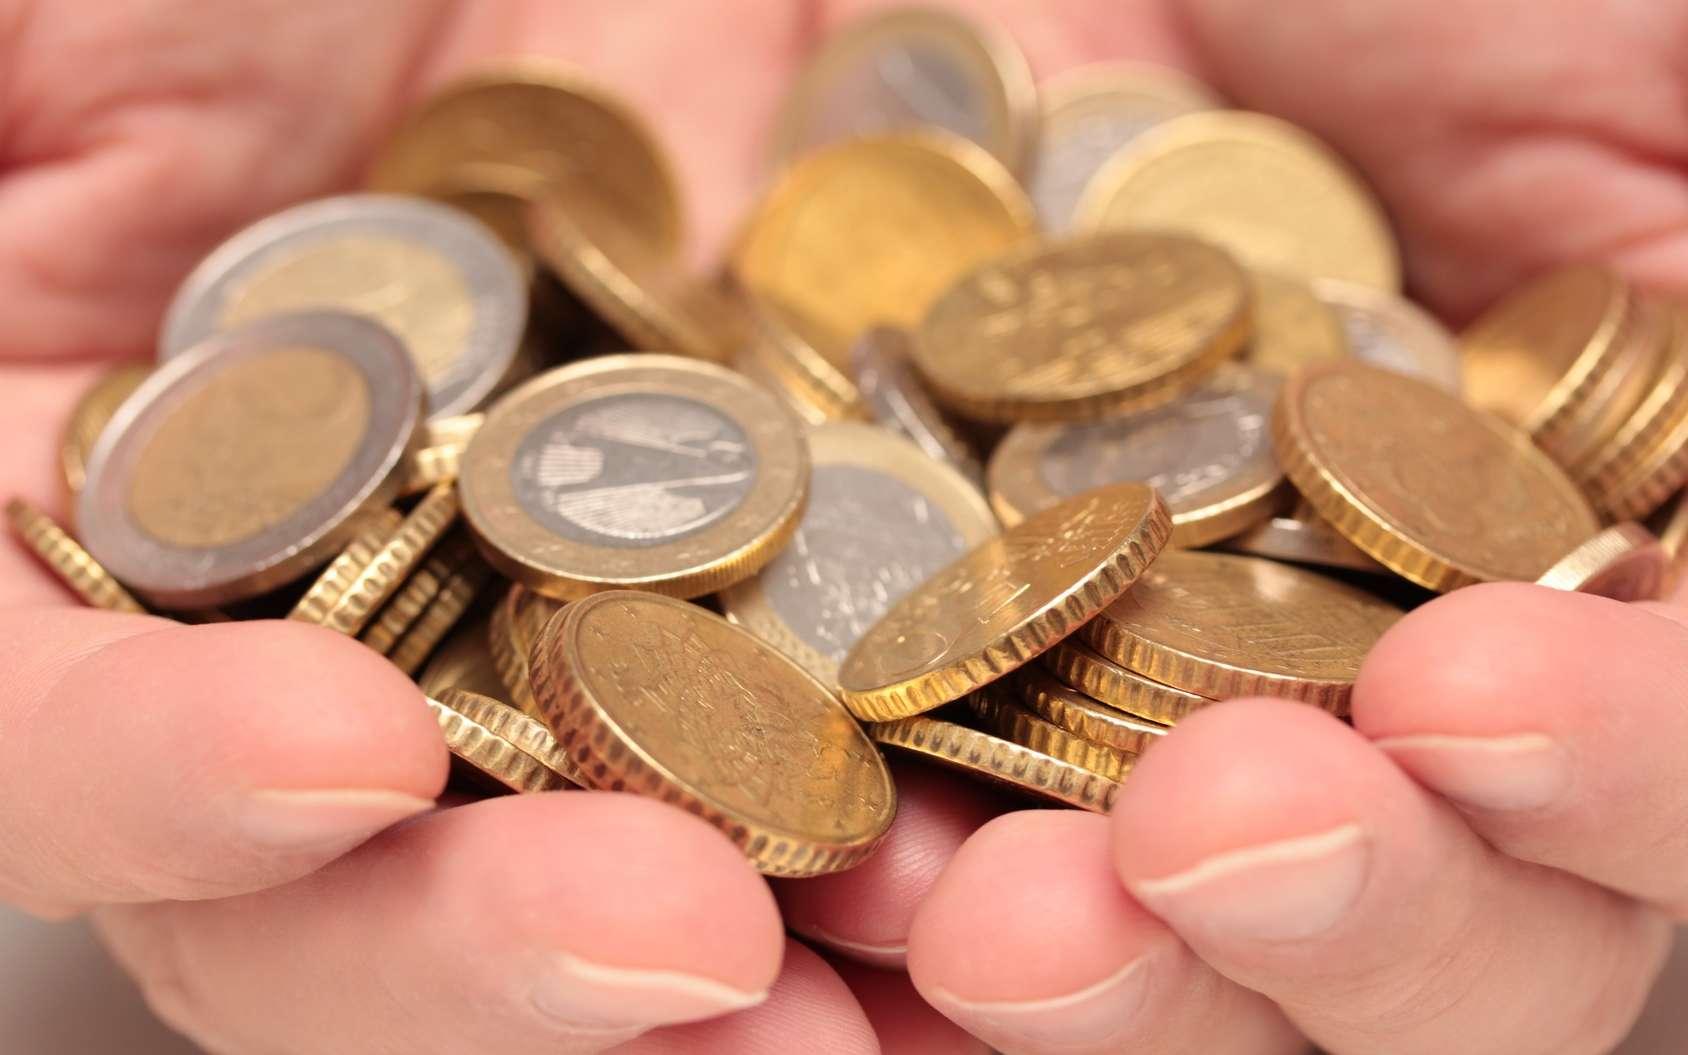 Bientôt la disparition de l'argent ?